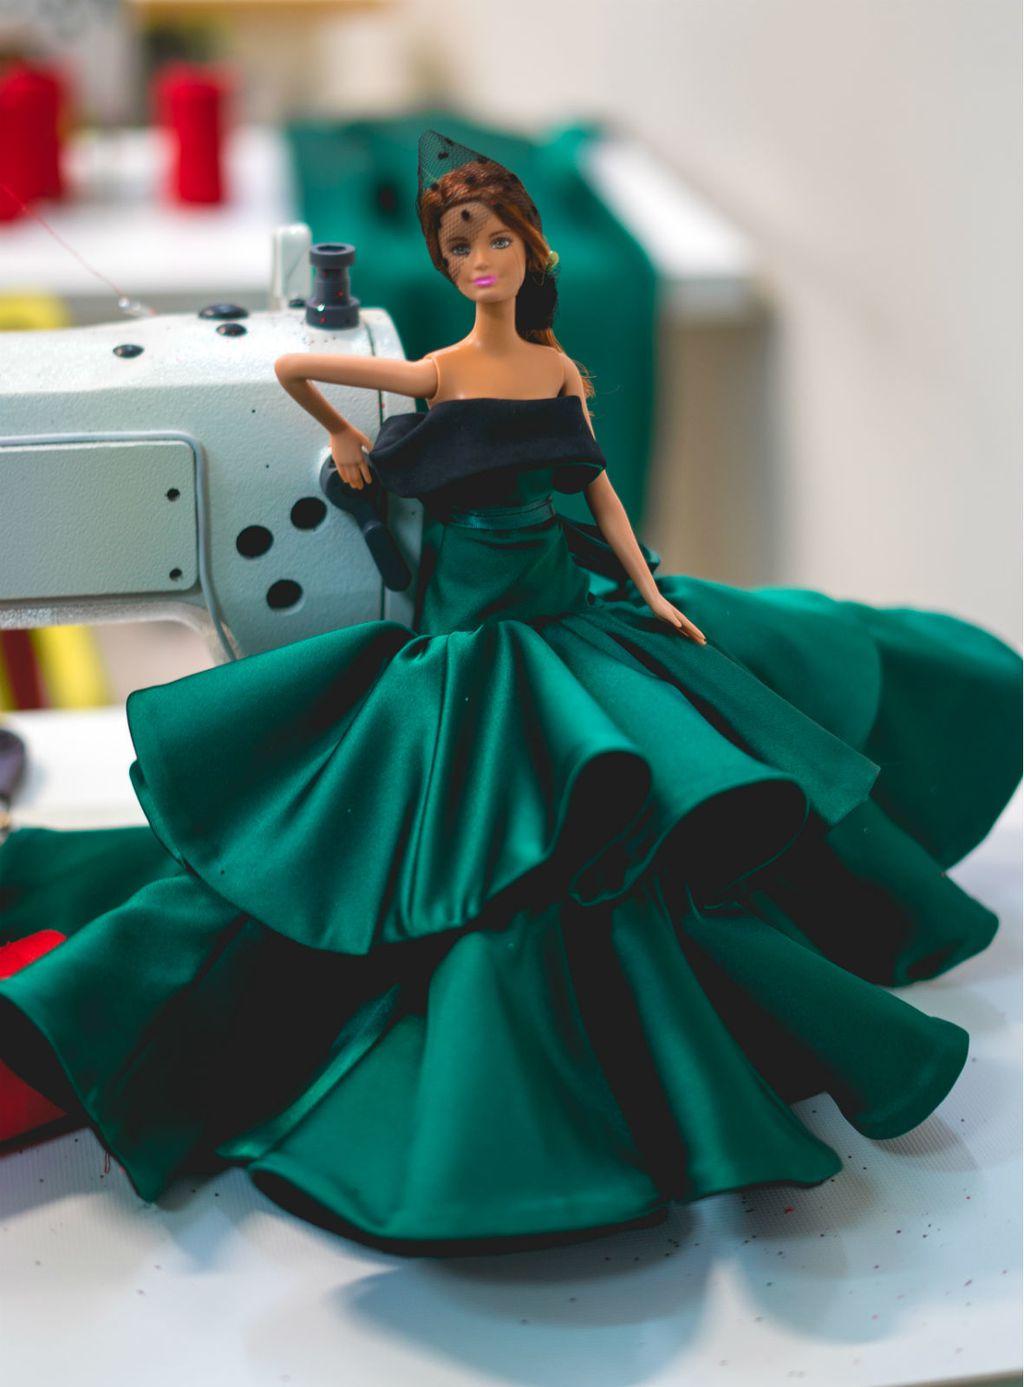 Juraj Zigman kreirao je haljine za Barbie lutke - 2